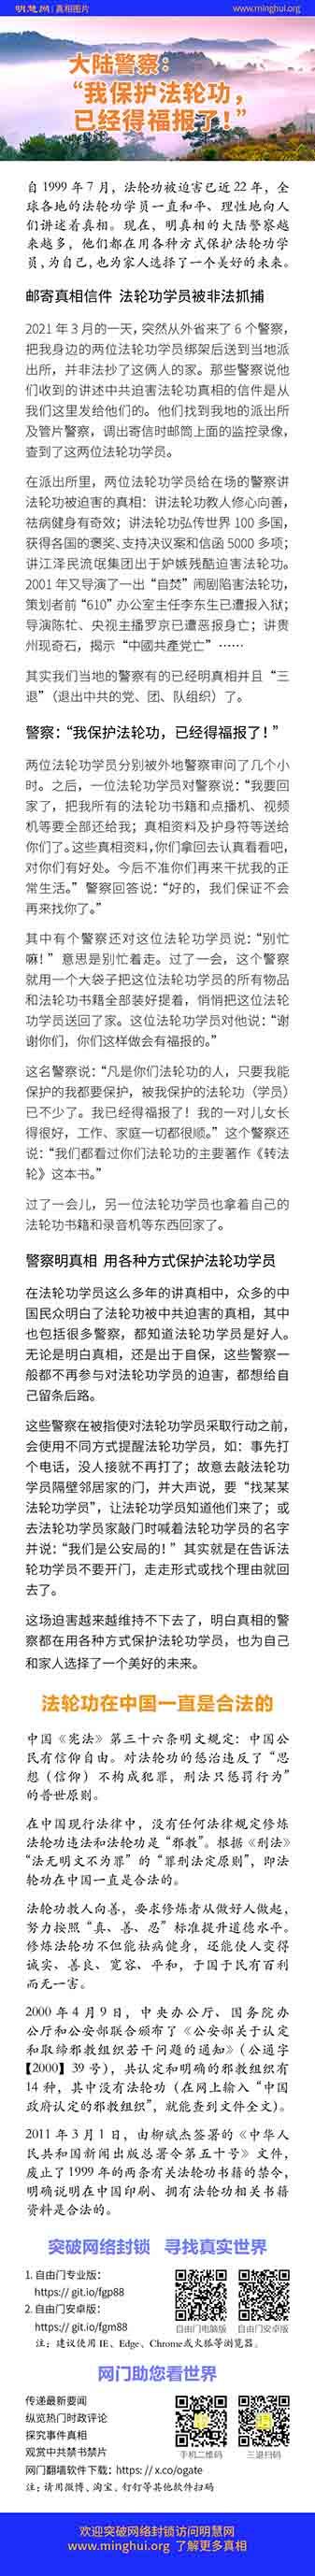 """(2021年06月10日) 手机图片:大陆警察:""""我保护法轮功,已经得福报了!"""""""